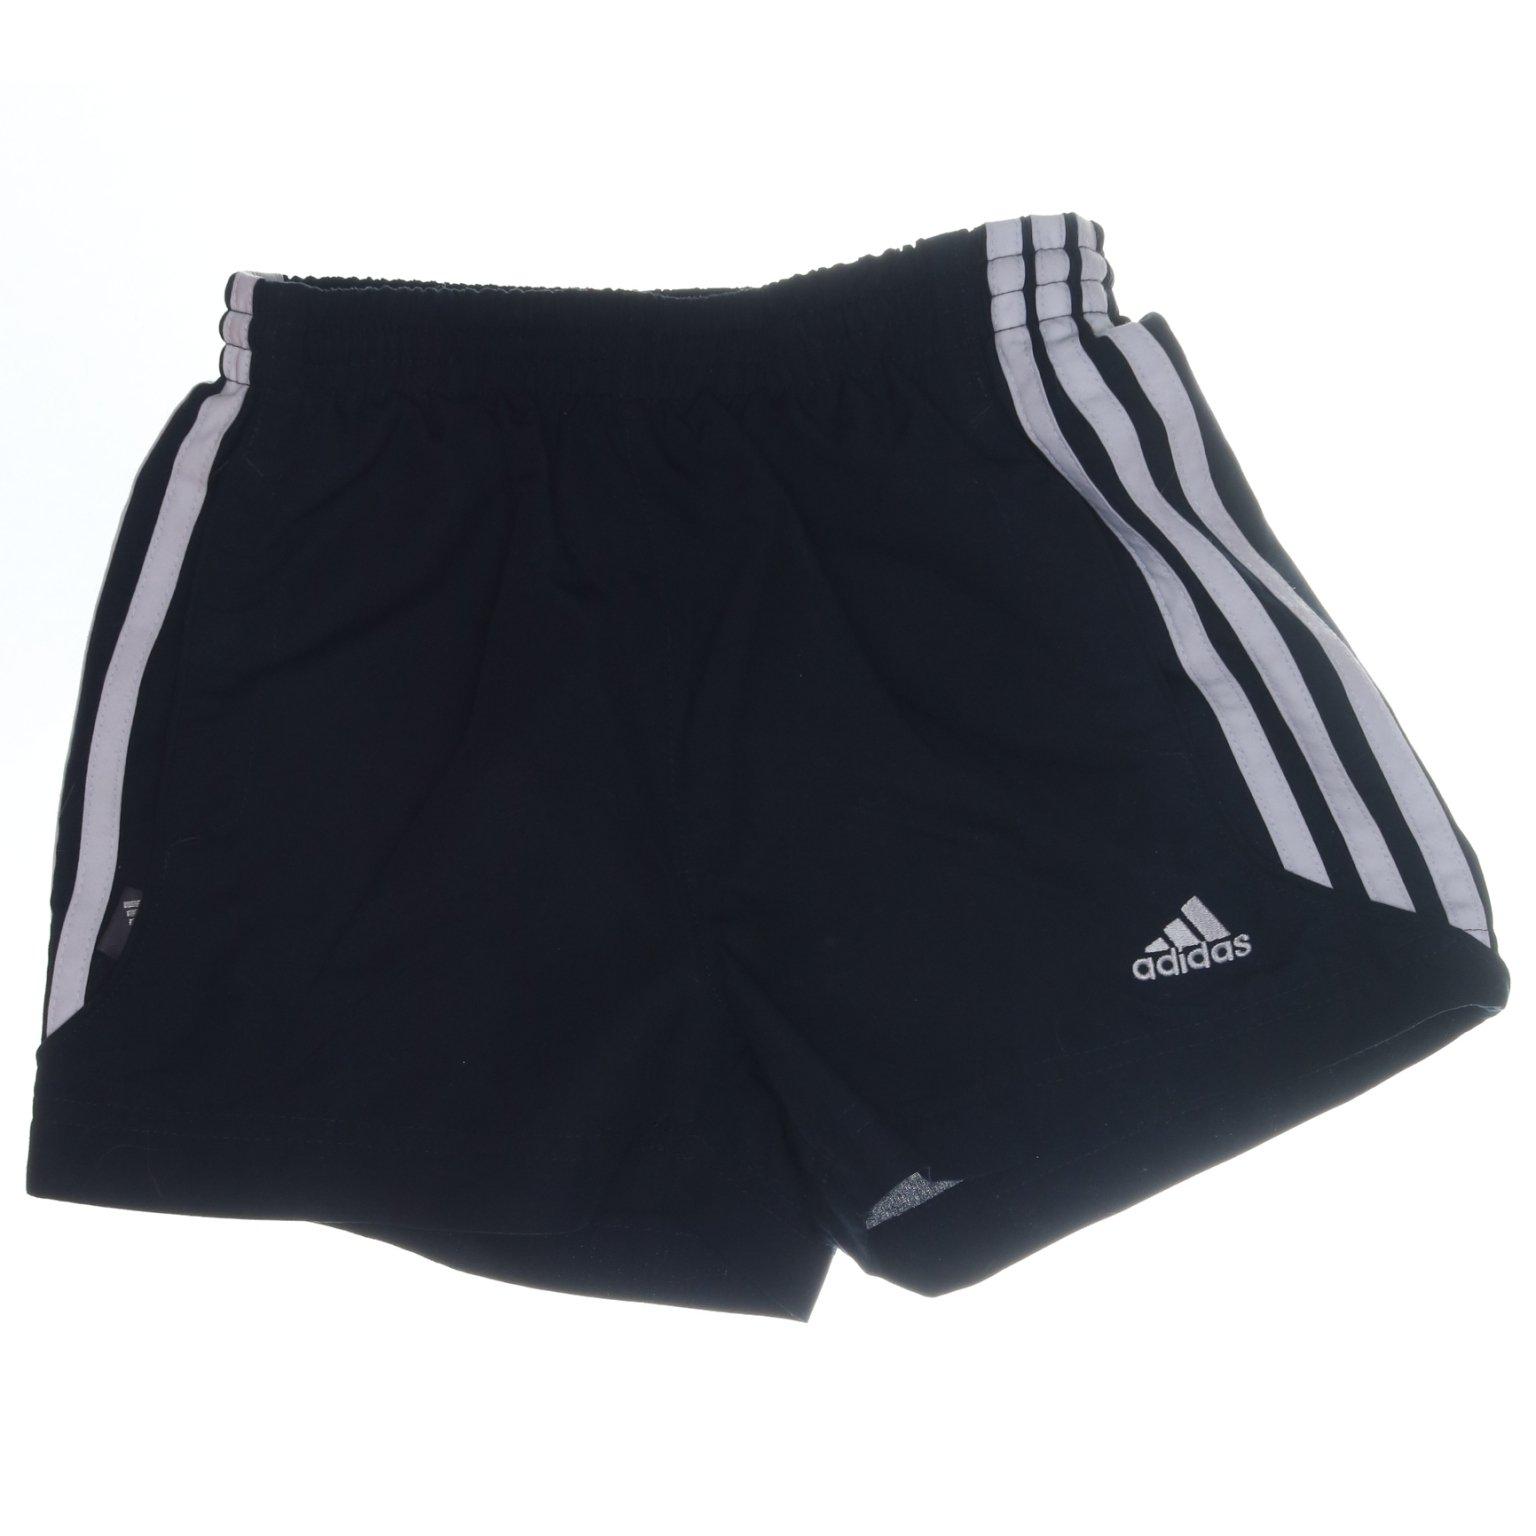 Adidas, Shorts, Strl: 116, Svart, Polyest.. (404101521) ᐈ